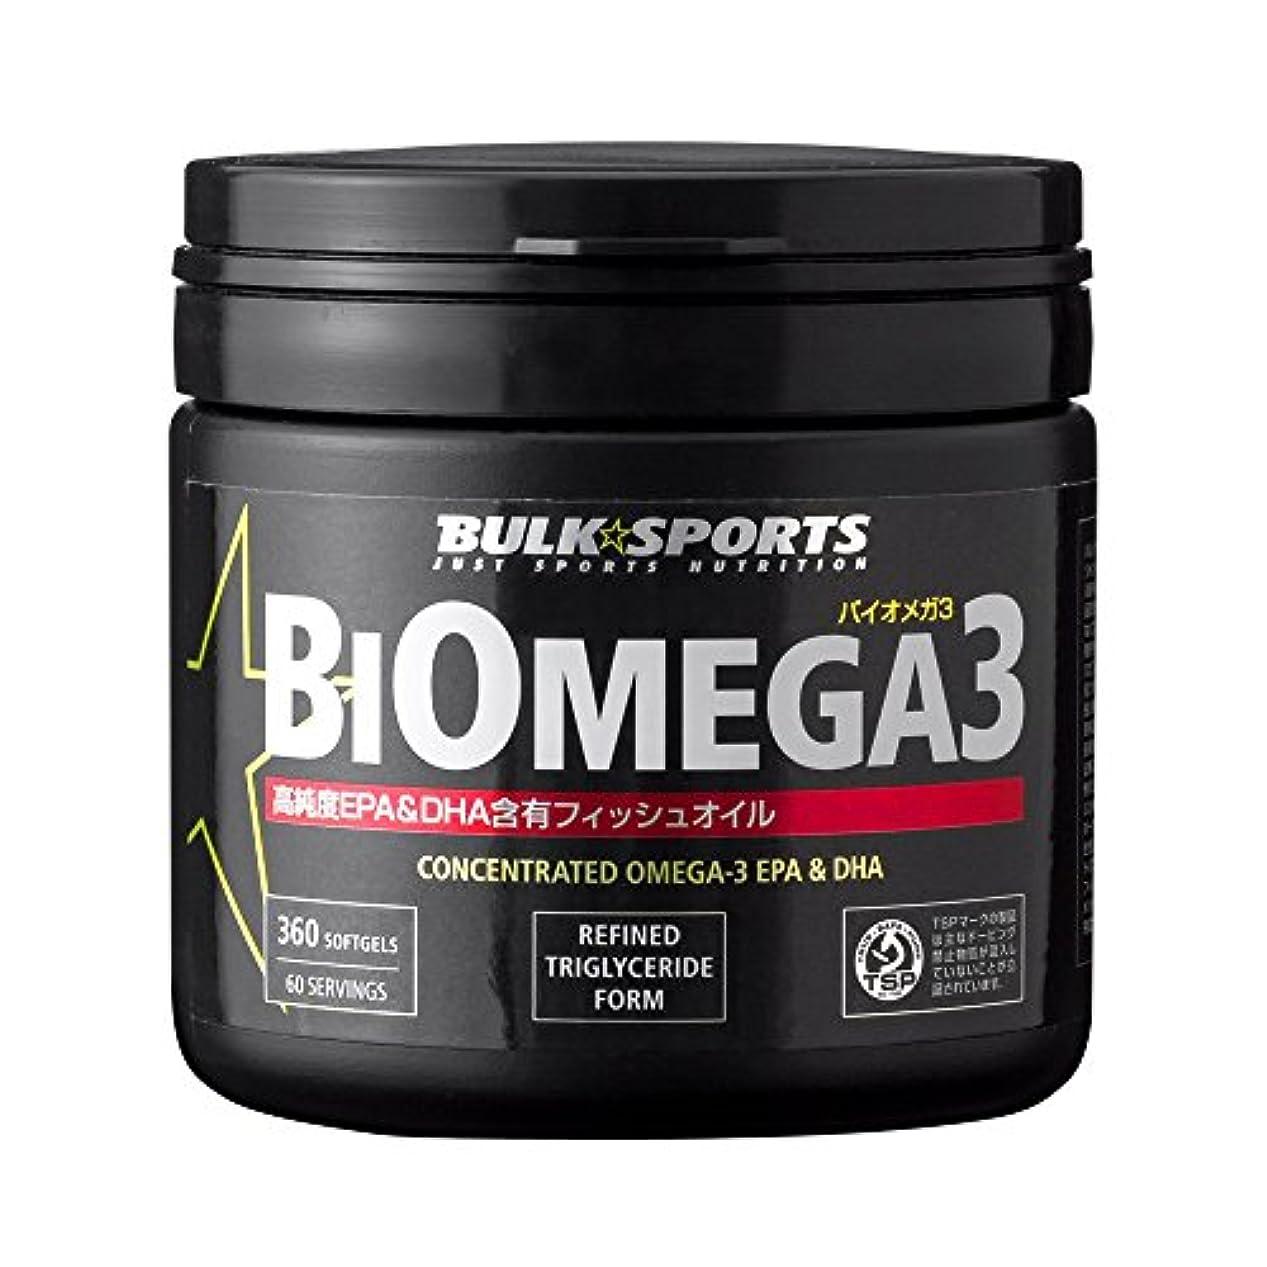 コメント餌ディレクターバルクスポーツ バイオメガ3 EPA&DHA含有フィッシュオイル 360ソフトジェルカプセル